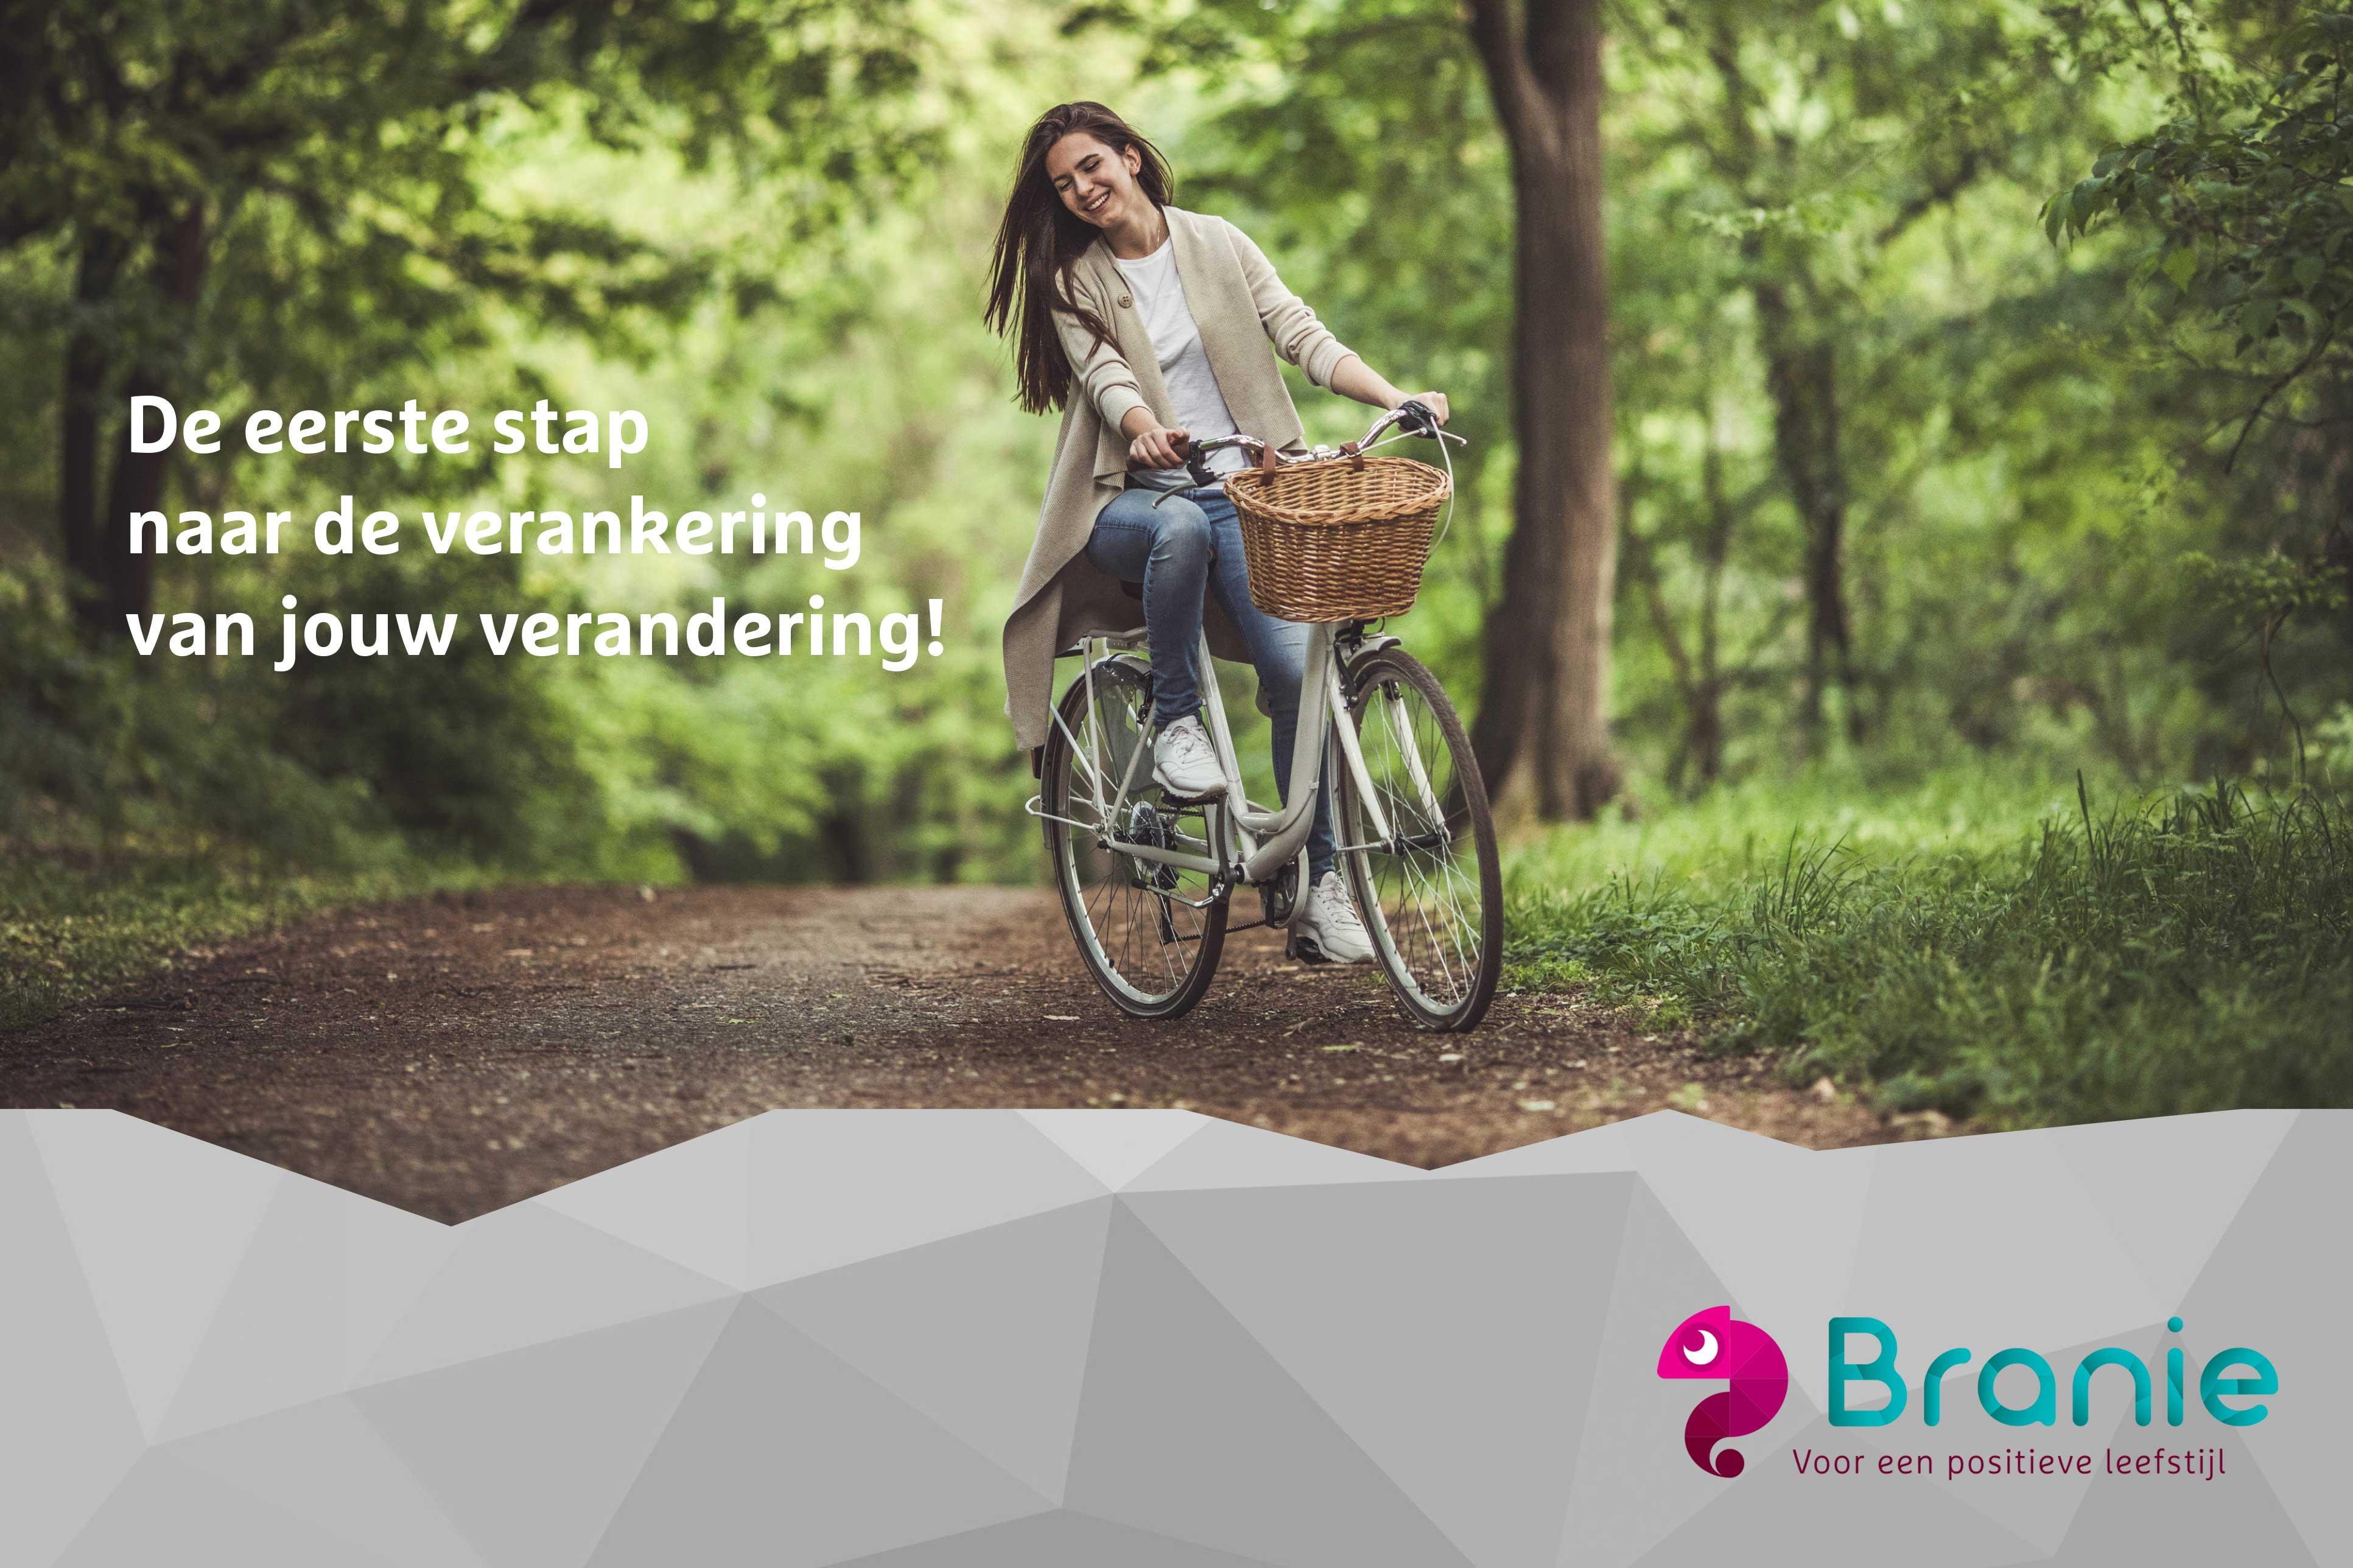 Branie, voor een positieve leefstijl verandering